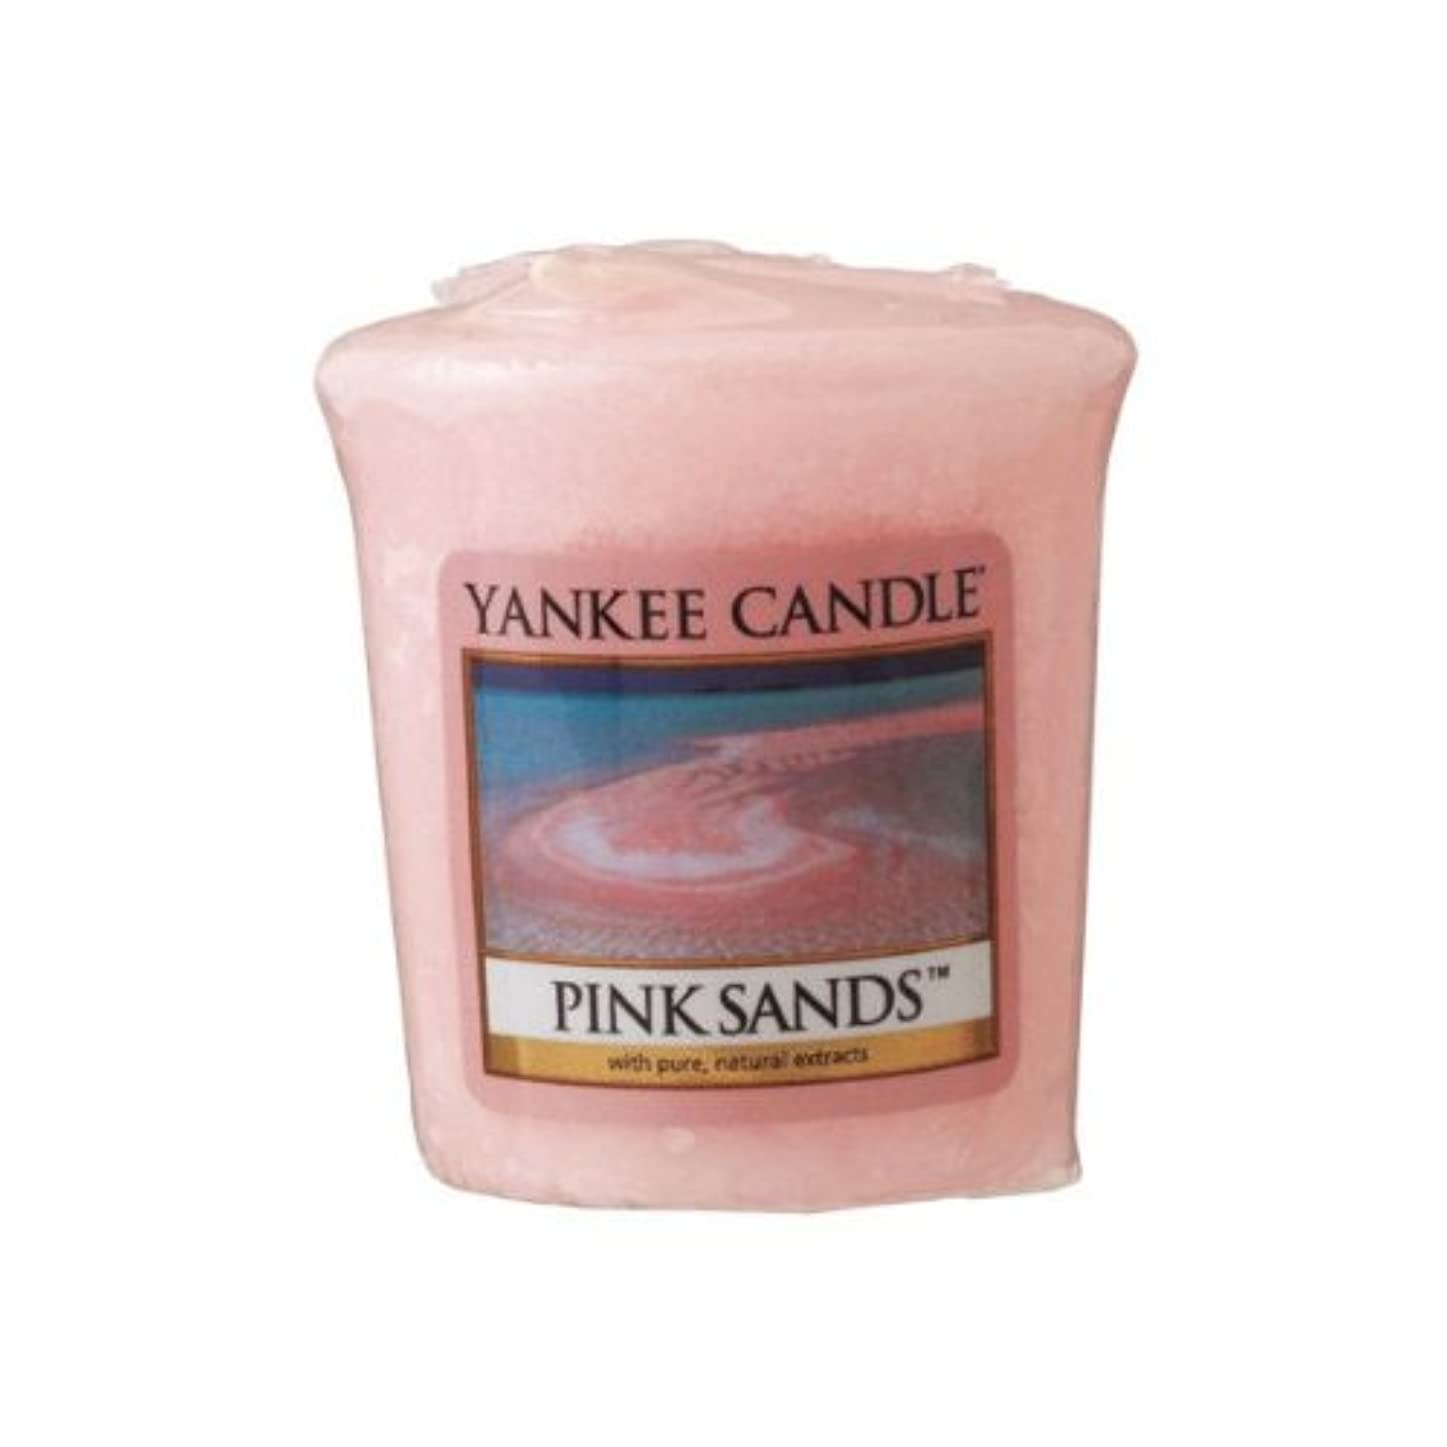 真面目なモンキーバースYANKEE CANDLE(ヤンキーキャンドル) サンプラー ピンクサンド